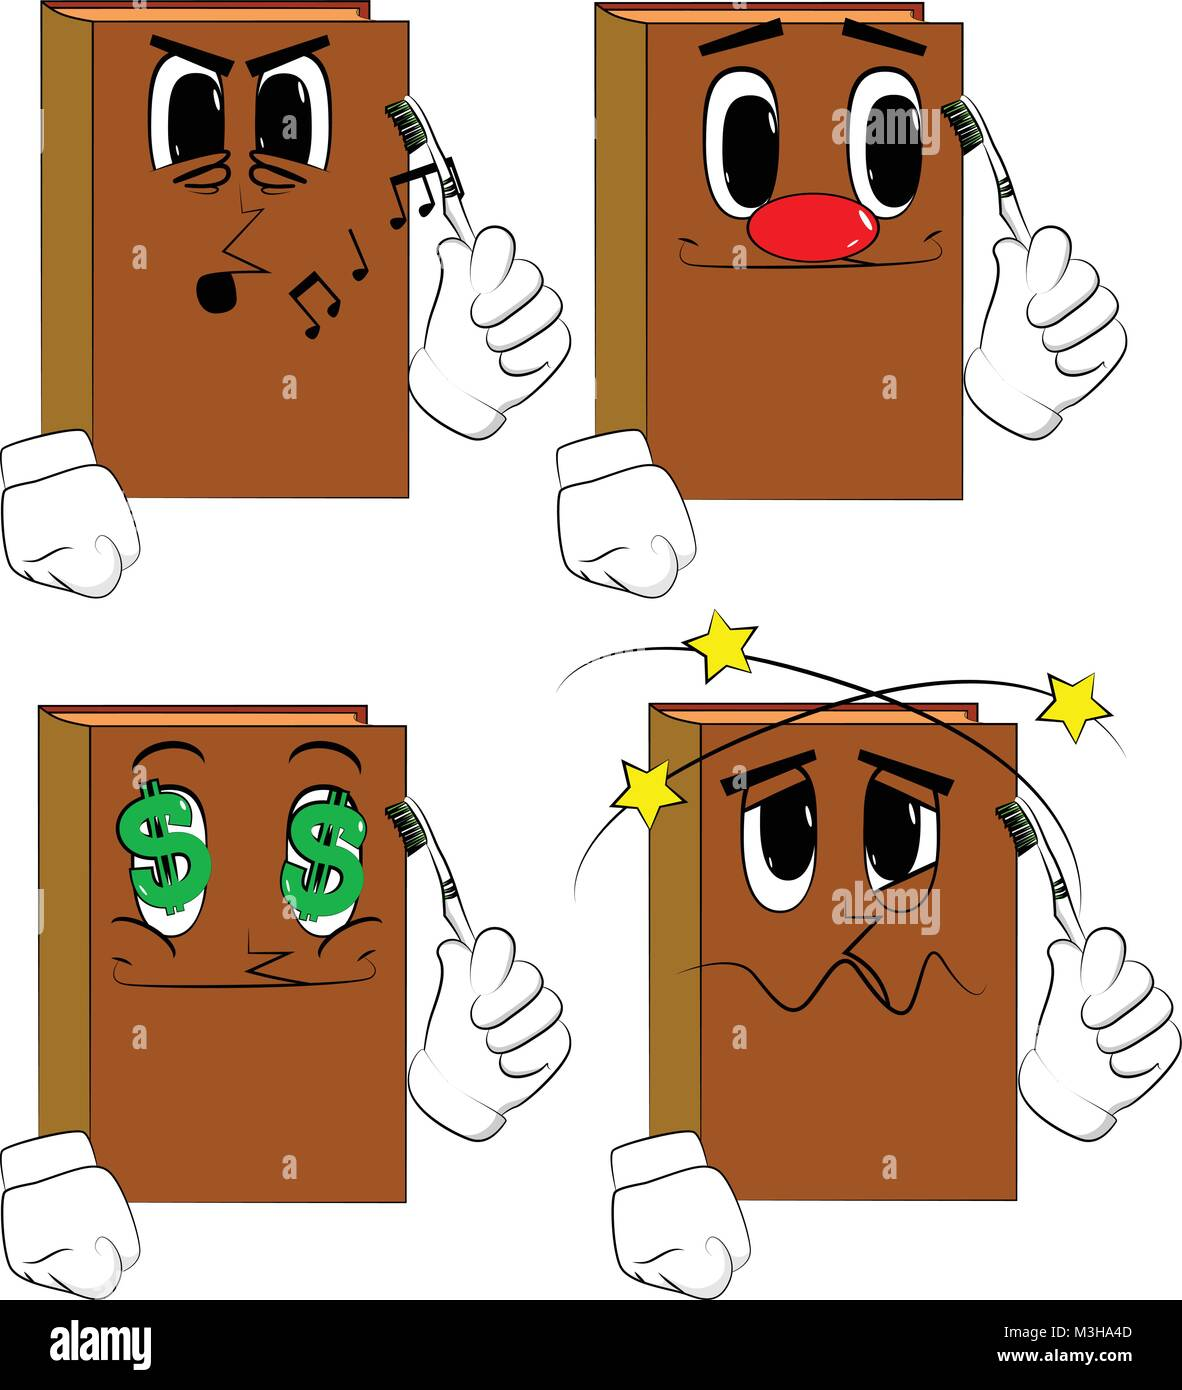 Libros sosteniendo el cepillo de dientes. Colección de libros de dibujos  animados con diferentes caras. Vector de expresiones. 754e811aa3cb